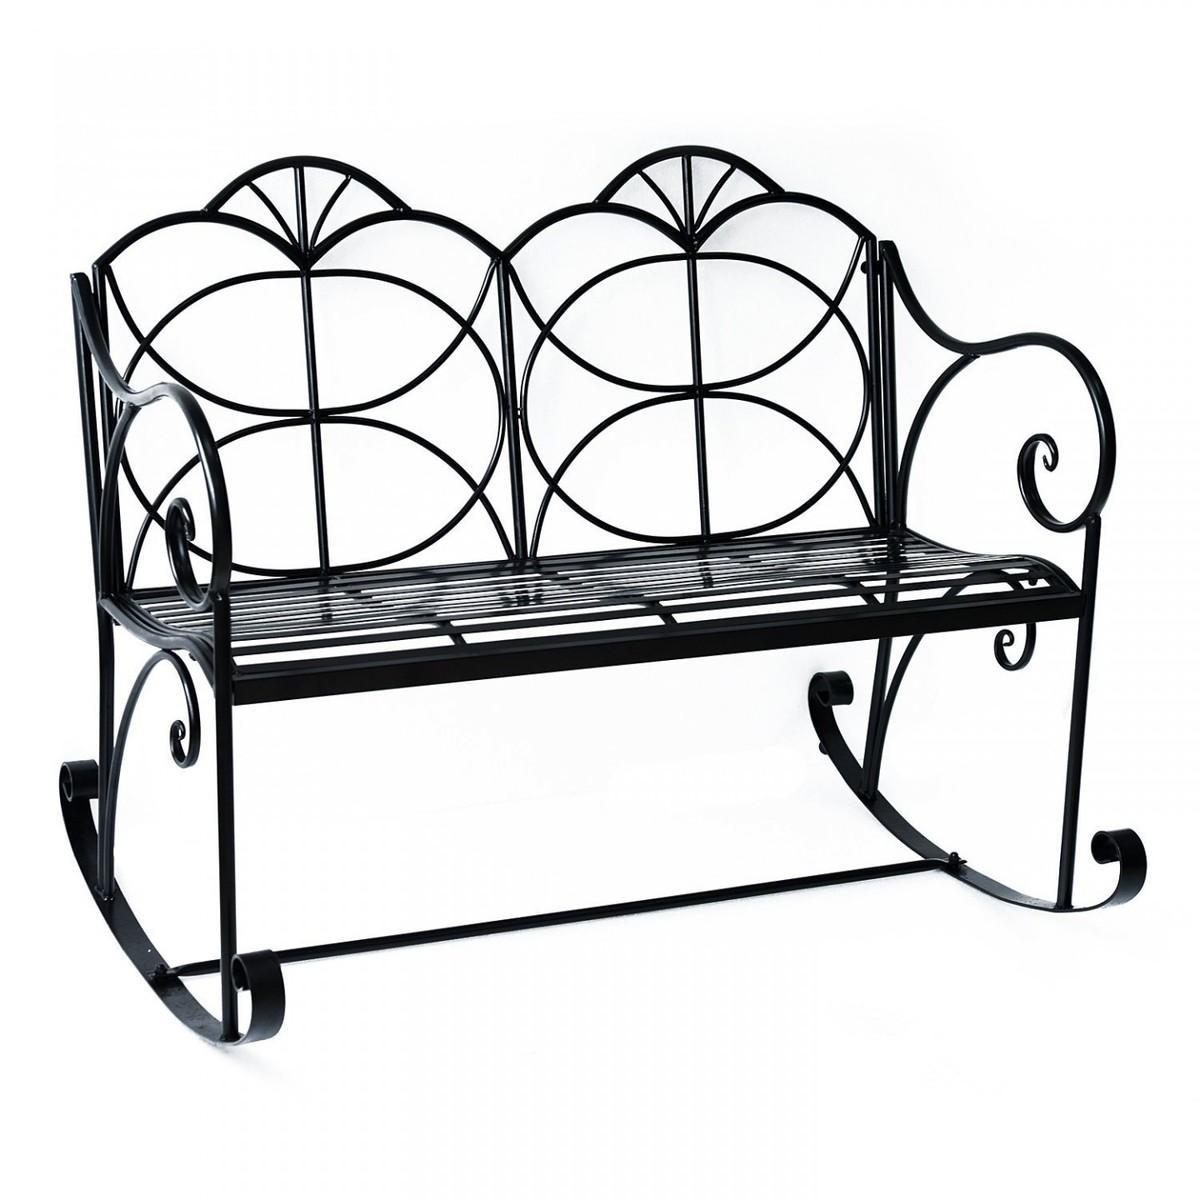 Záhradná hojdacia lavička - čierna